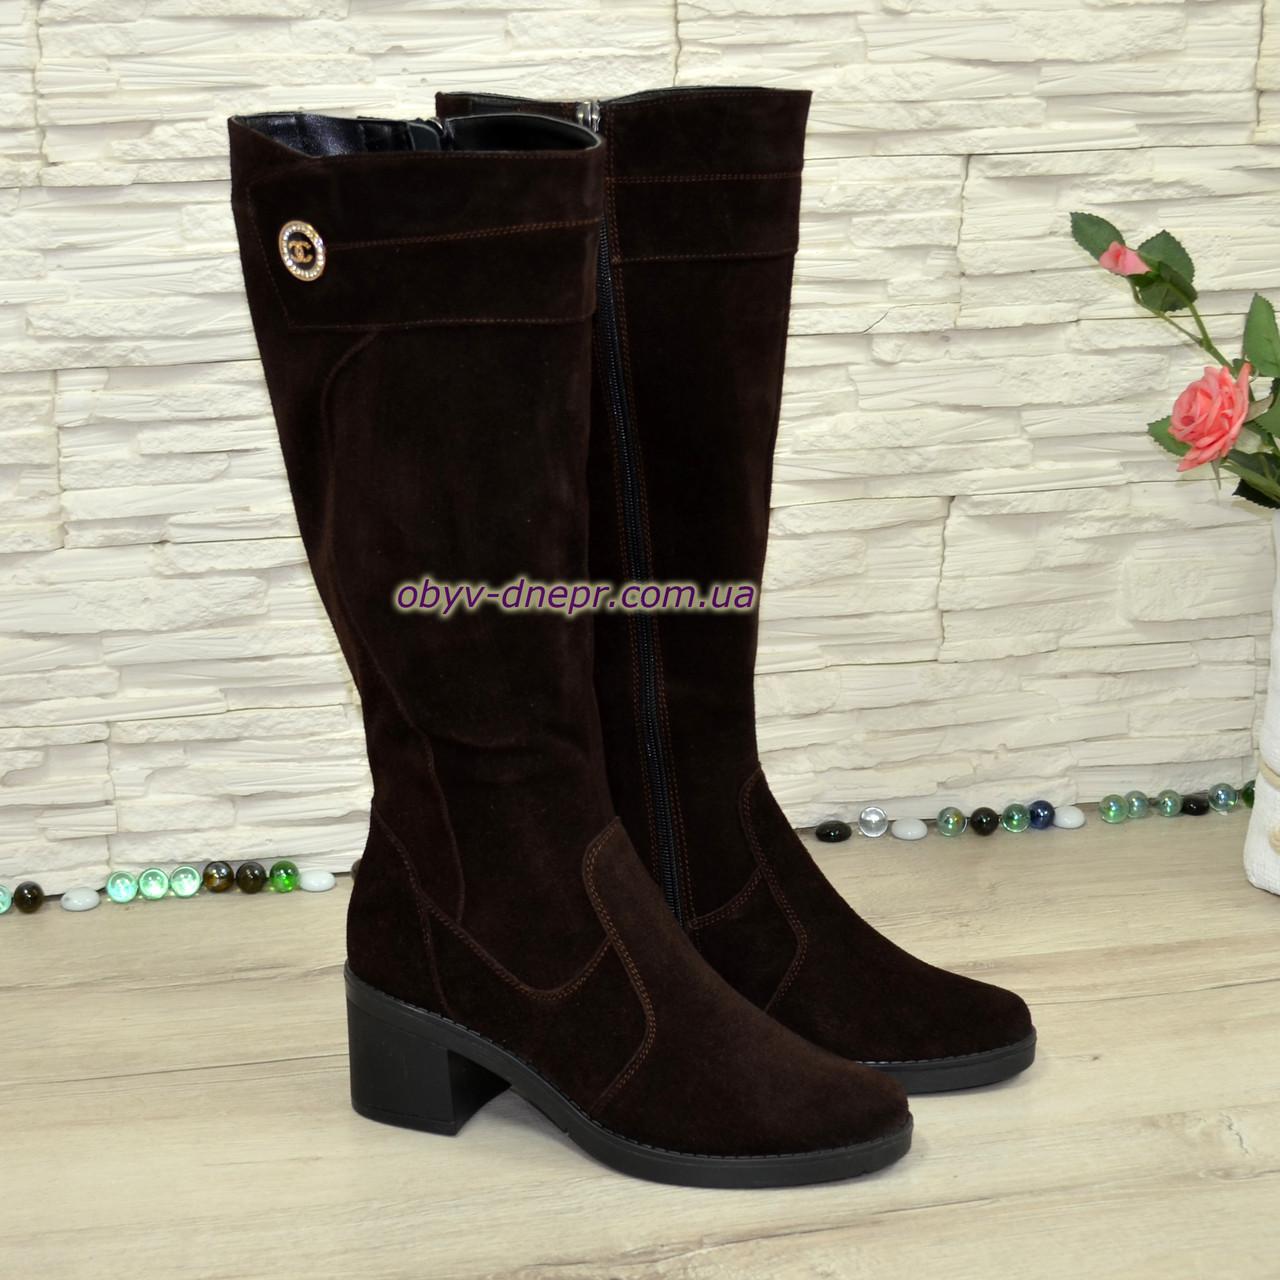 Женские демисезонные замшевые сапоги на устойчивом каблуке, цвет коричневый